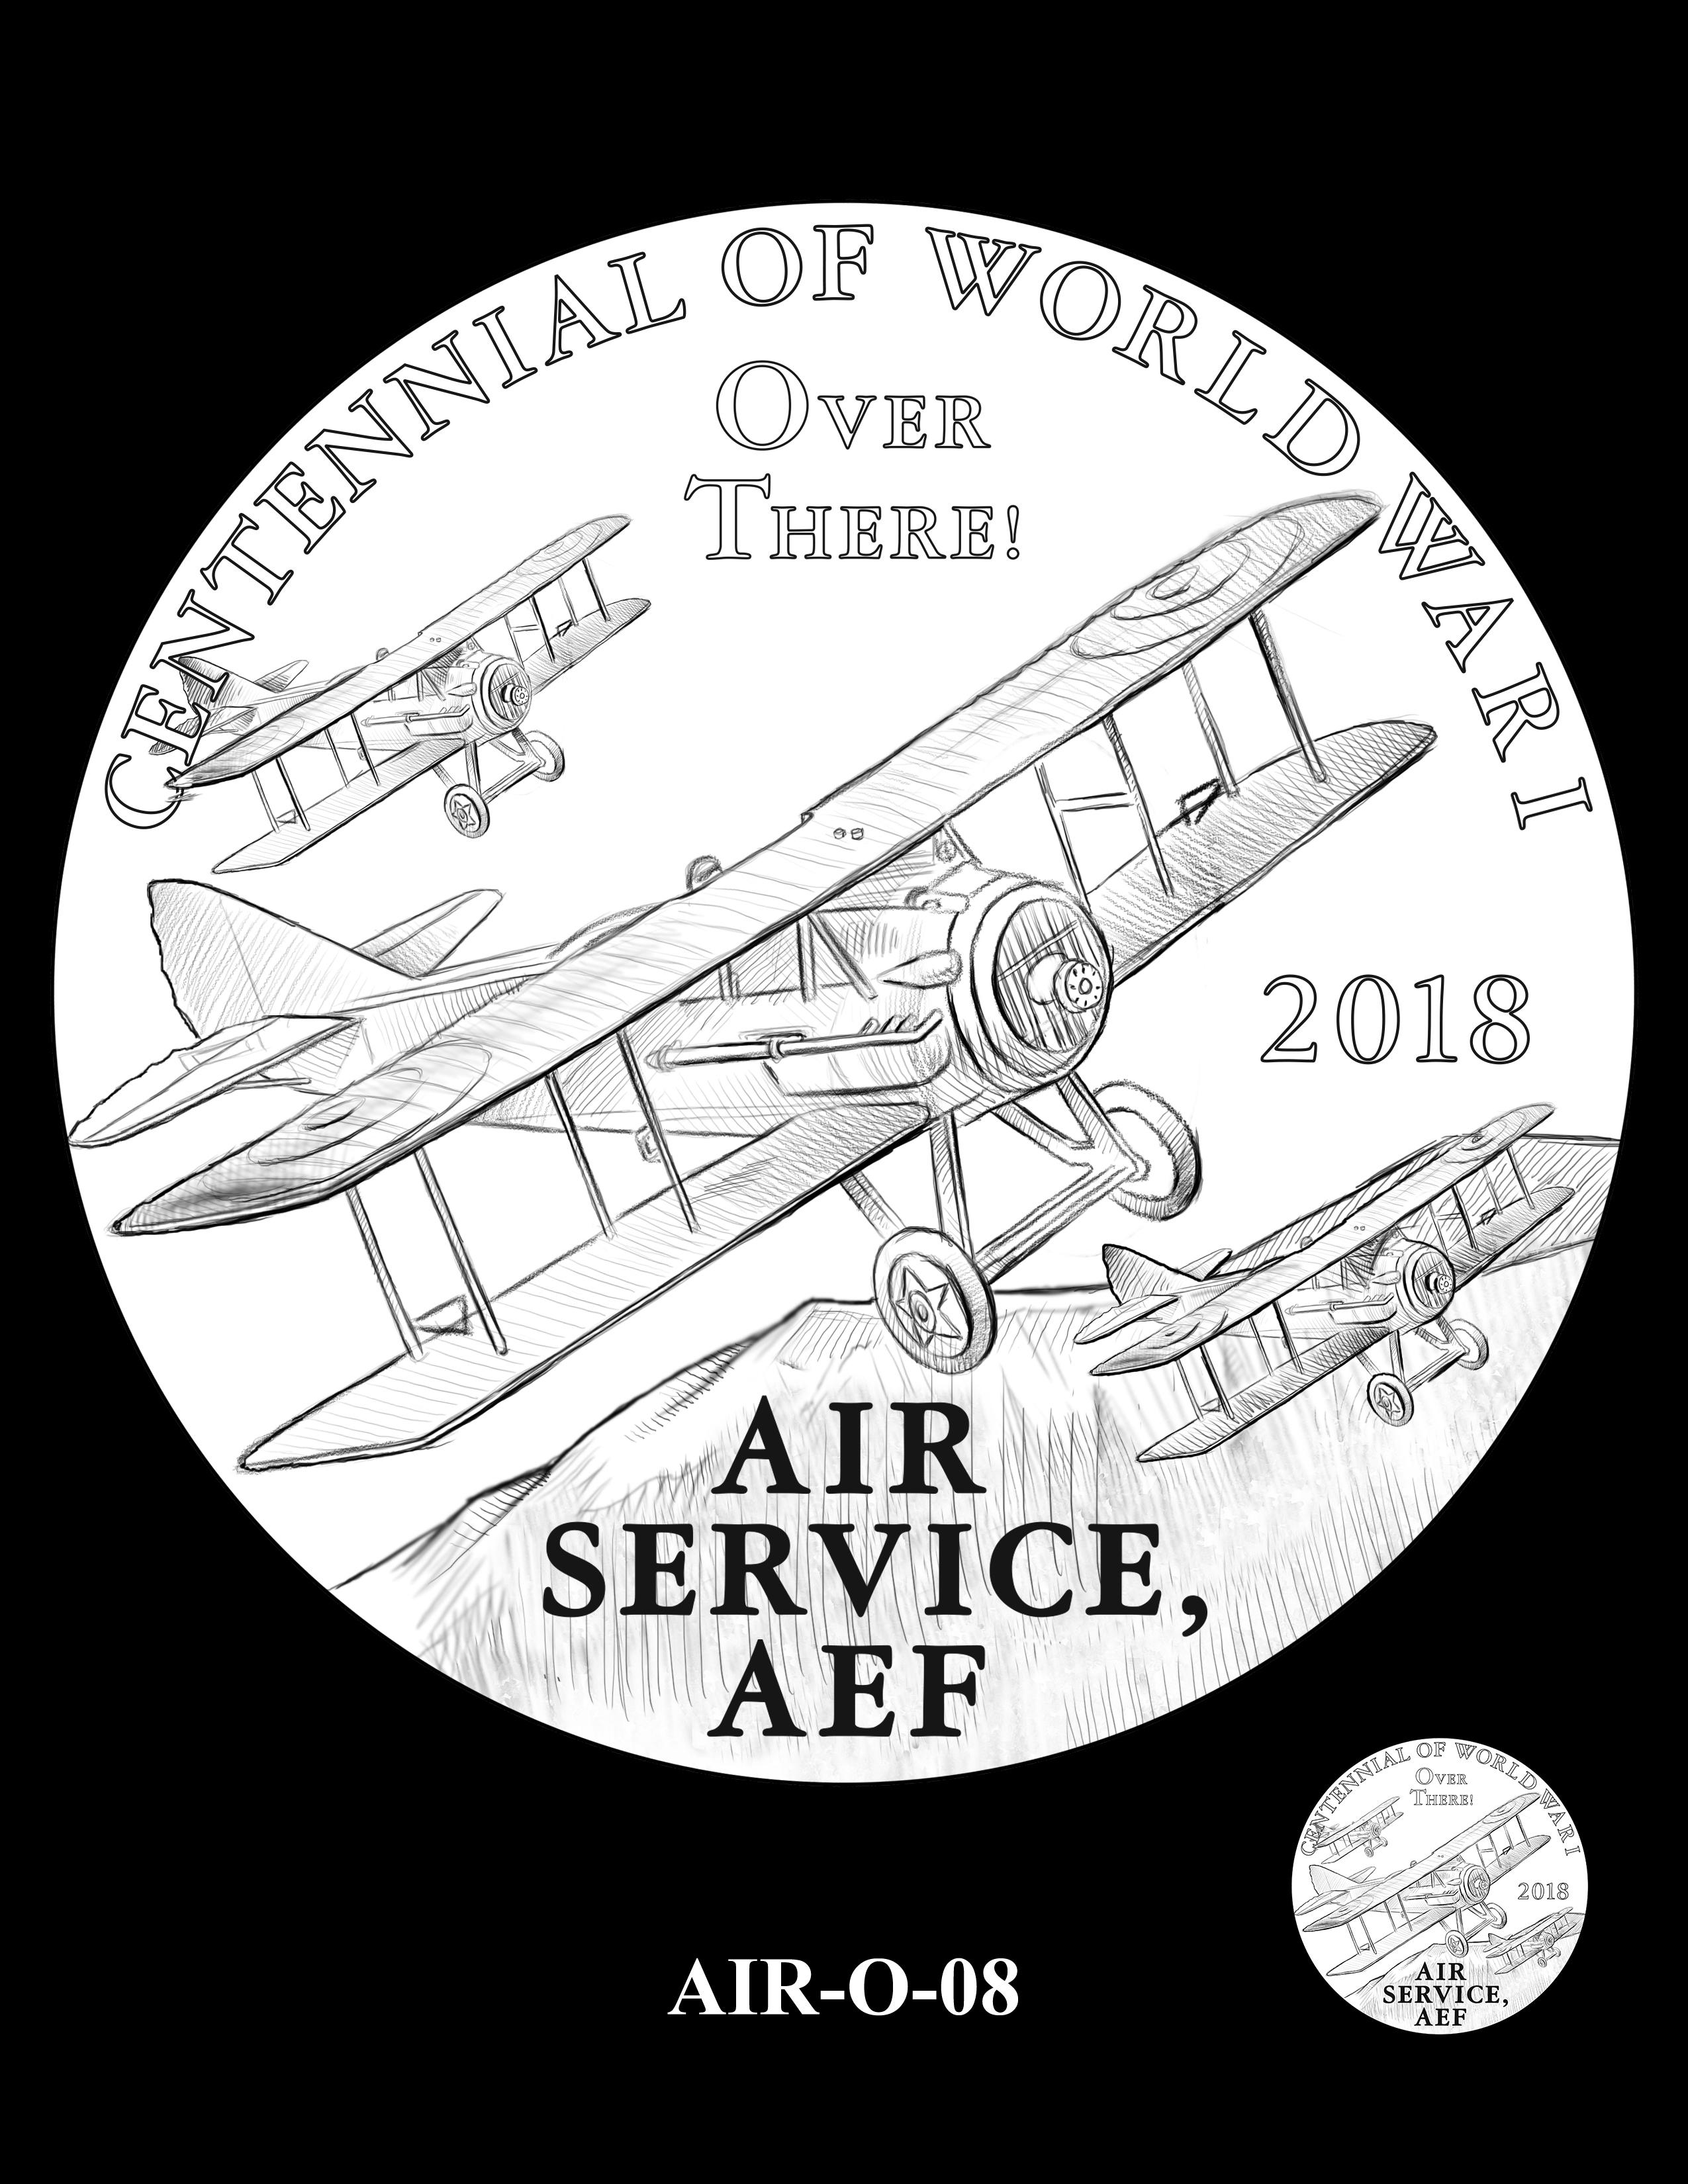 P1-AIR-O-08 -- 2018-World War I Silver Medals - Air Service